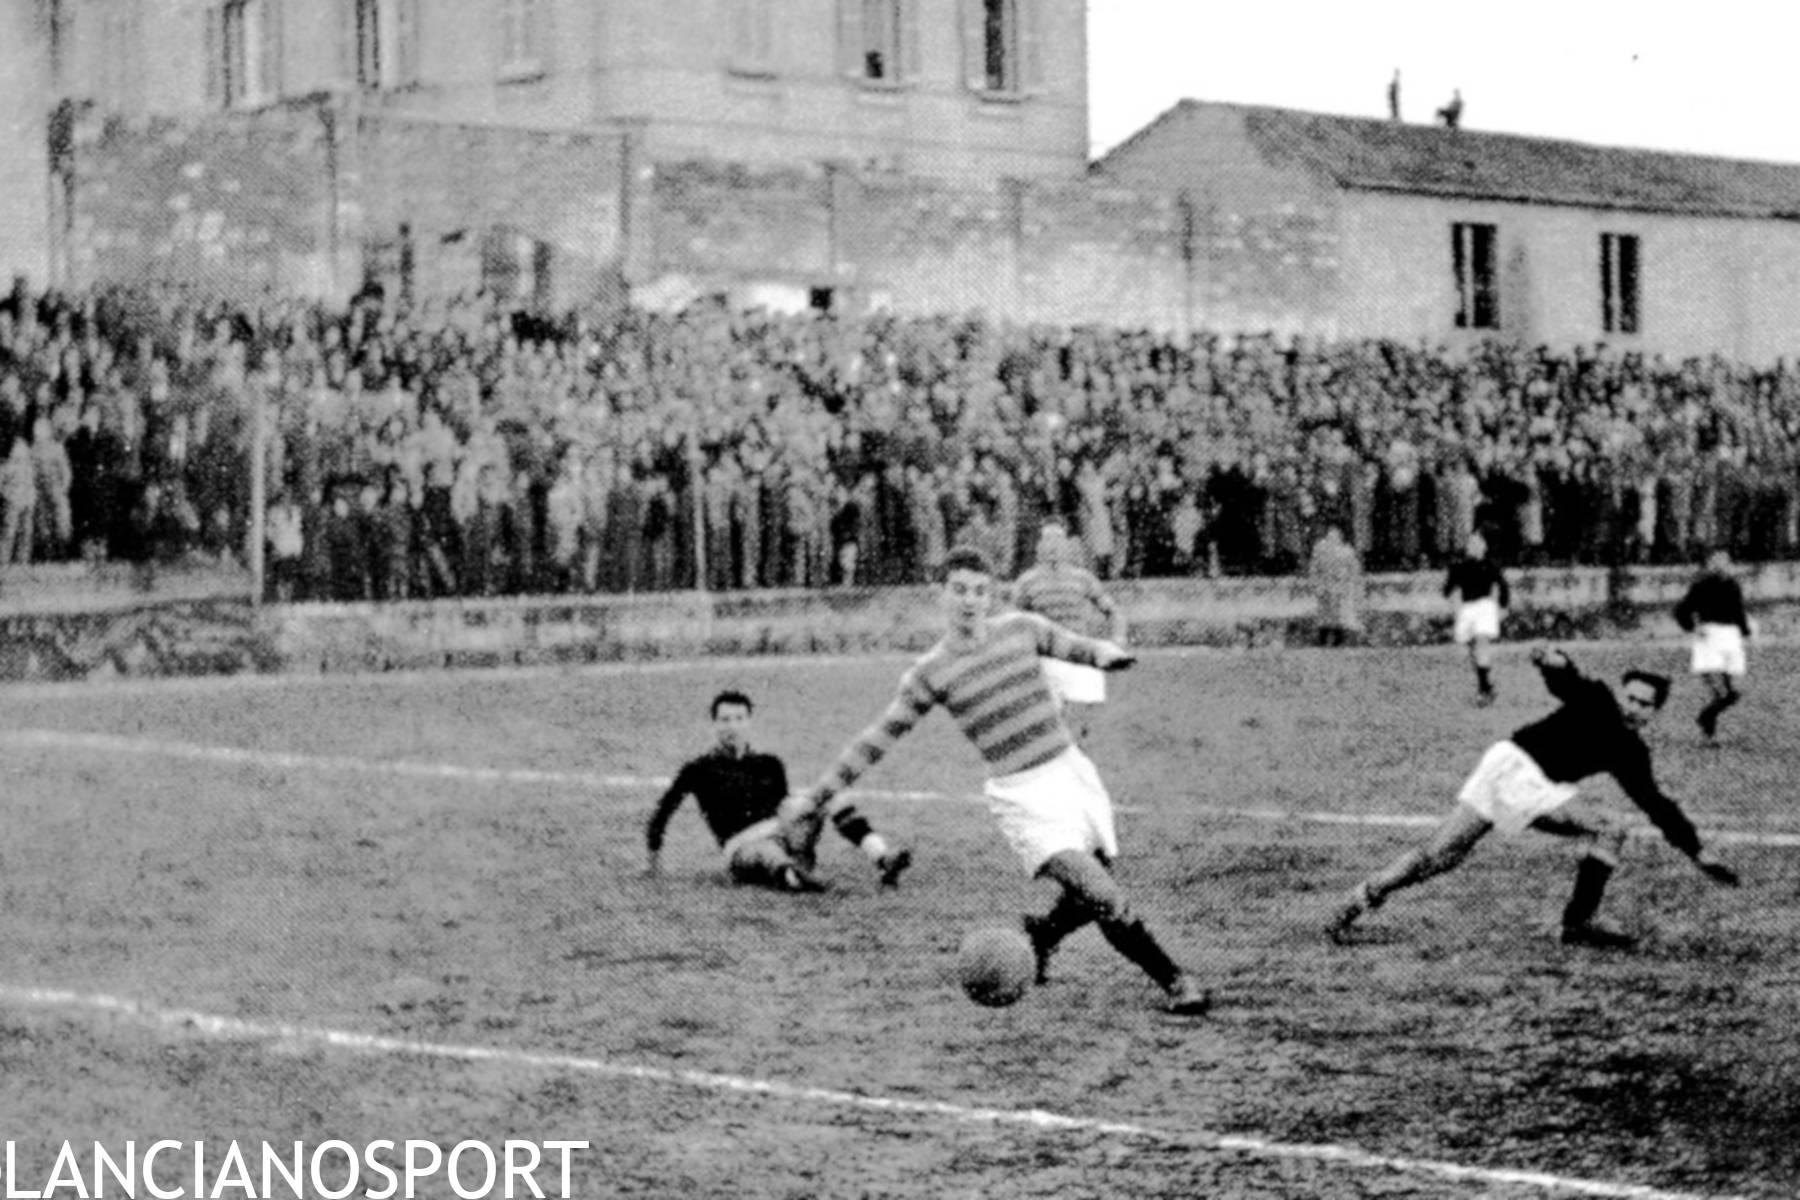 La lotta fuori dal campo tra Lanciano e Giulianova che nel 1954 passò per Nereto